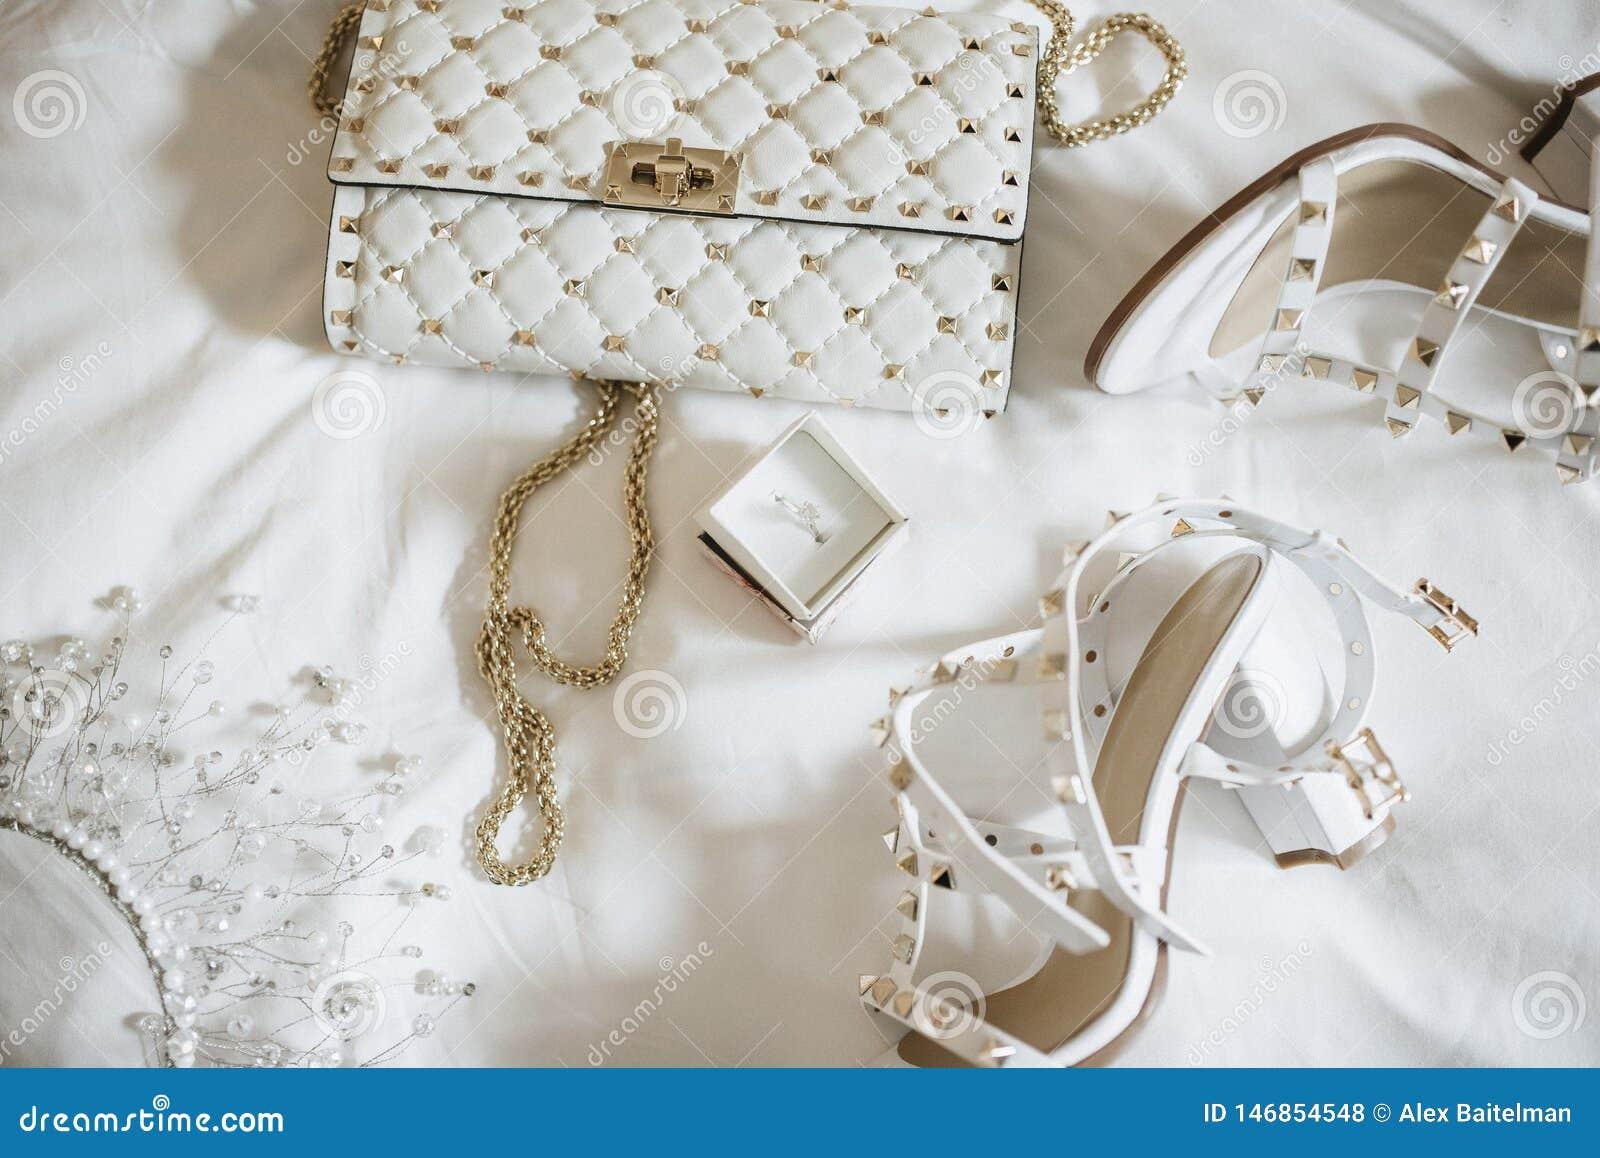 Mujeres  ?novia de los accesorios de s Bolso, zapatos, anillos, perfume nupcial